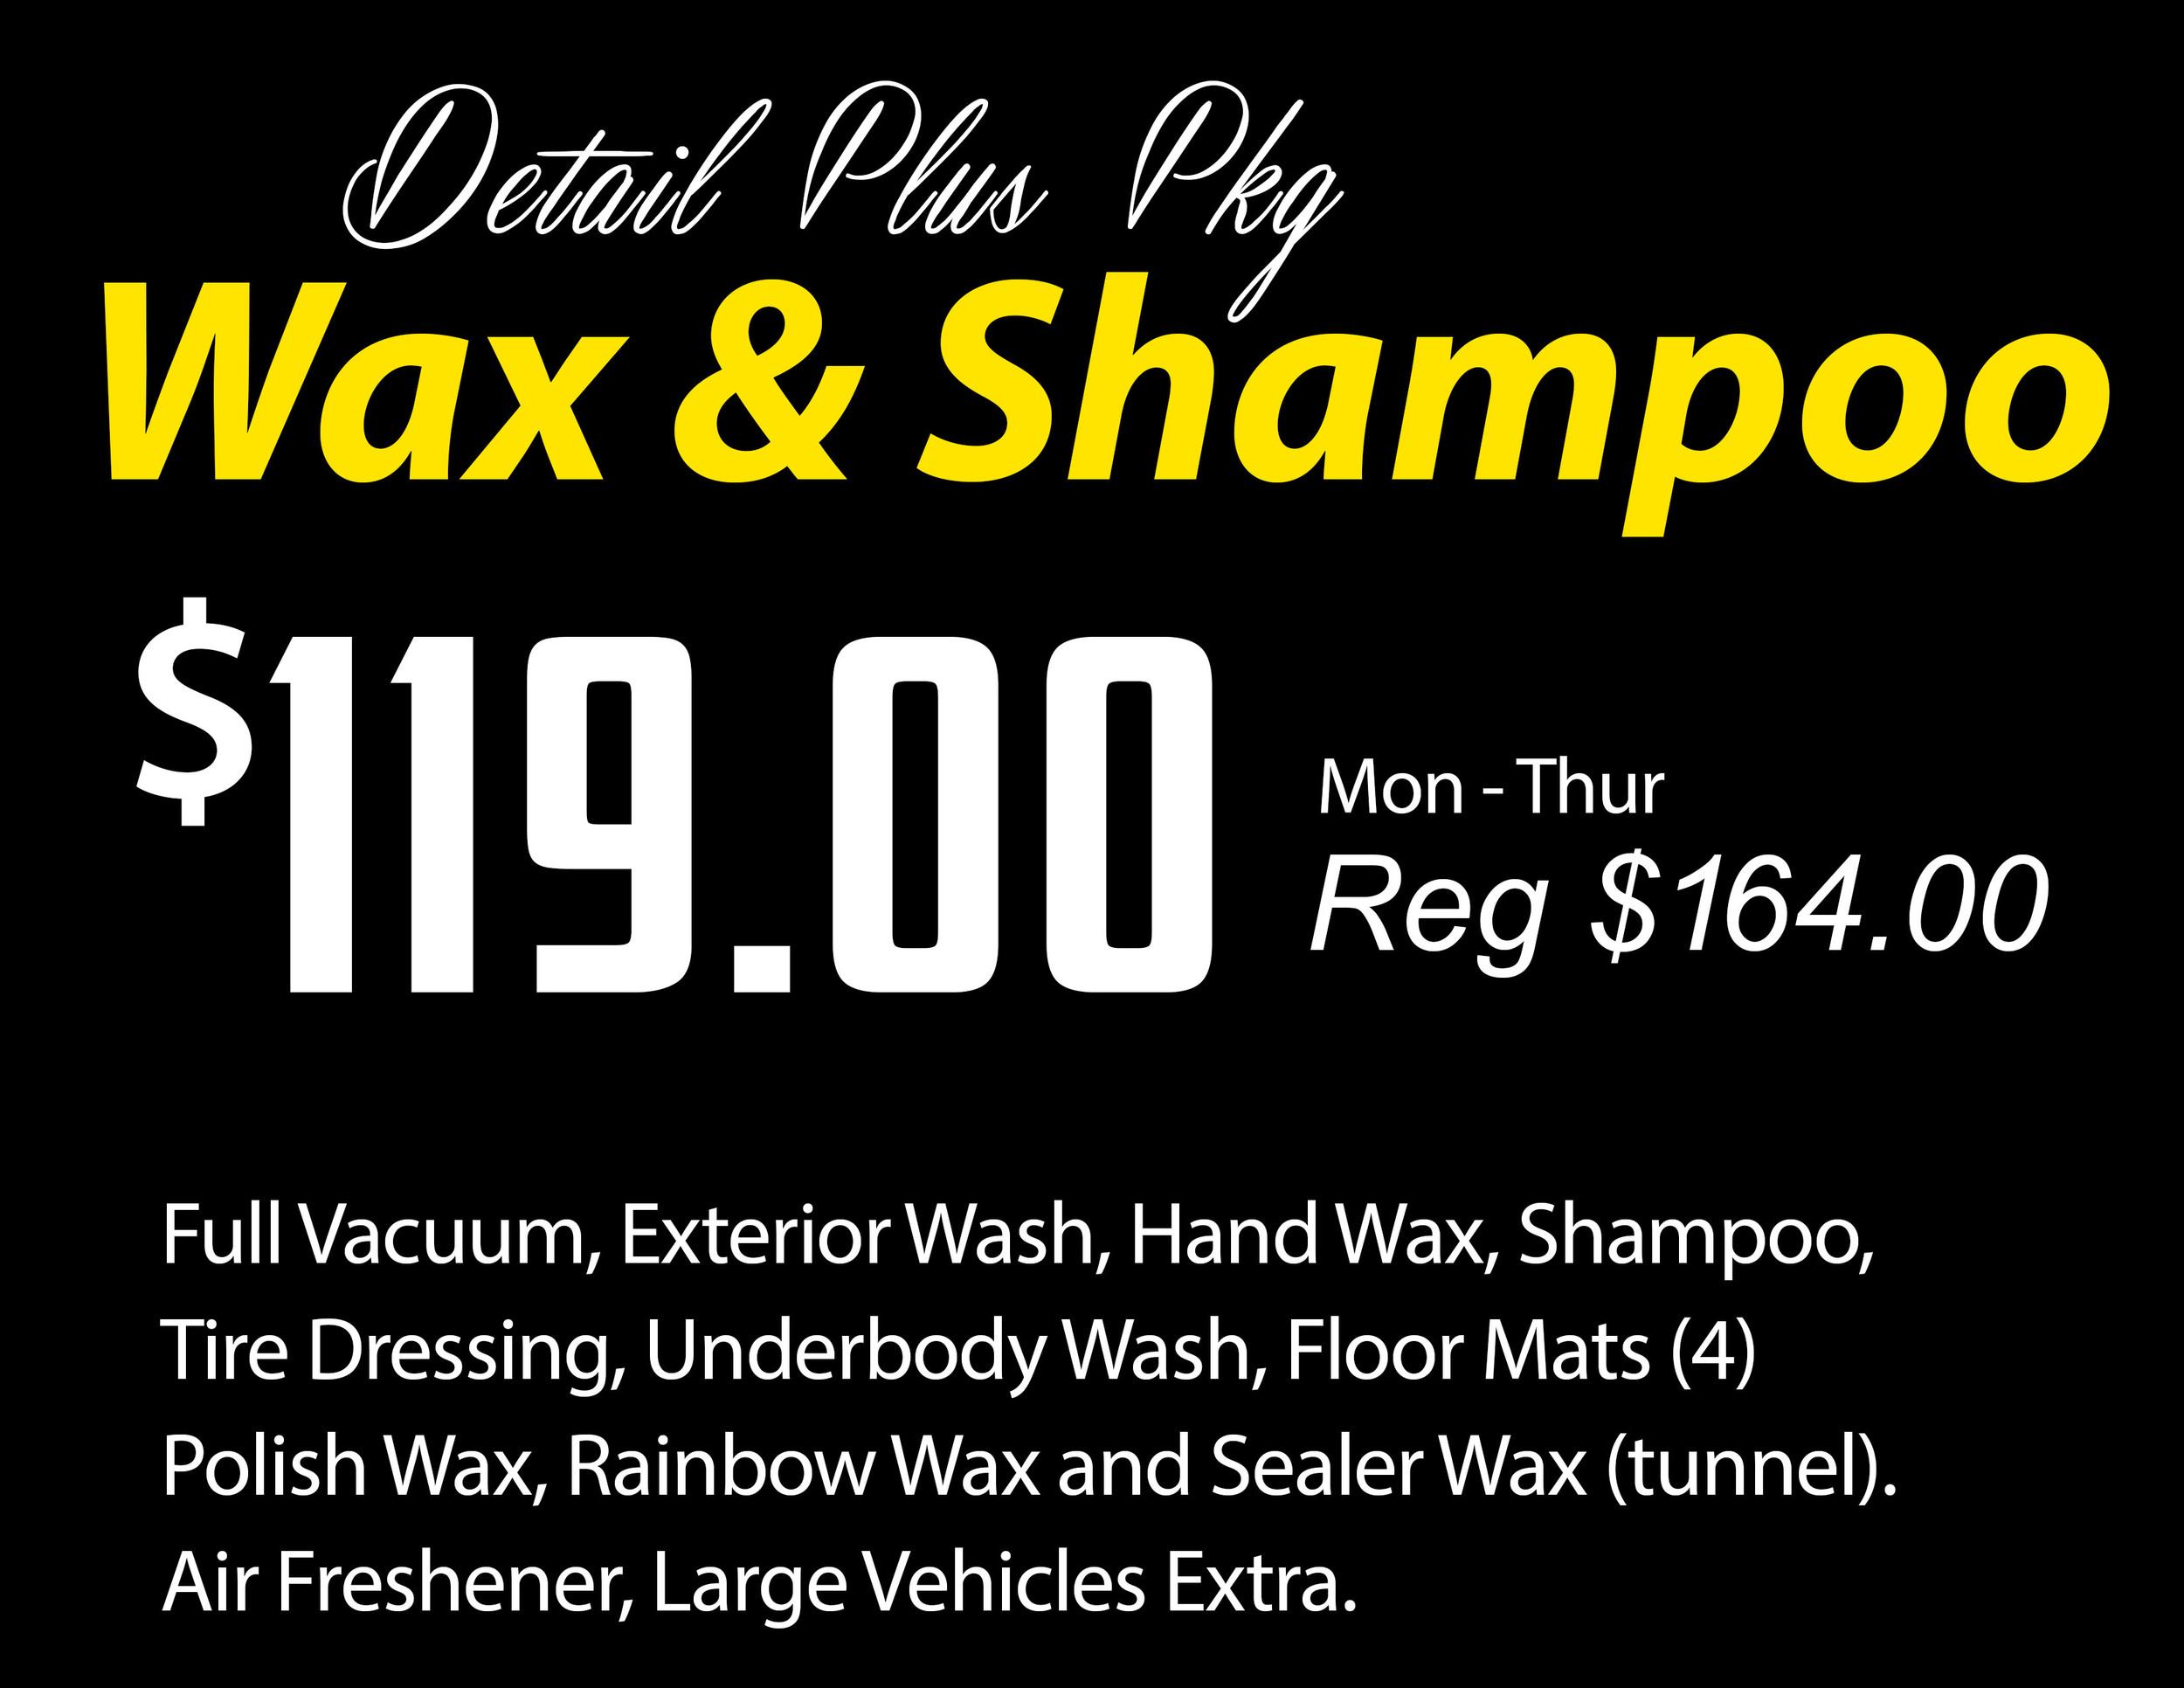 Wax & Shampoo.jpg